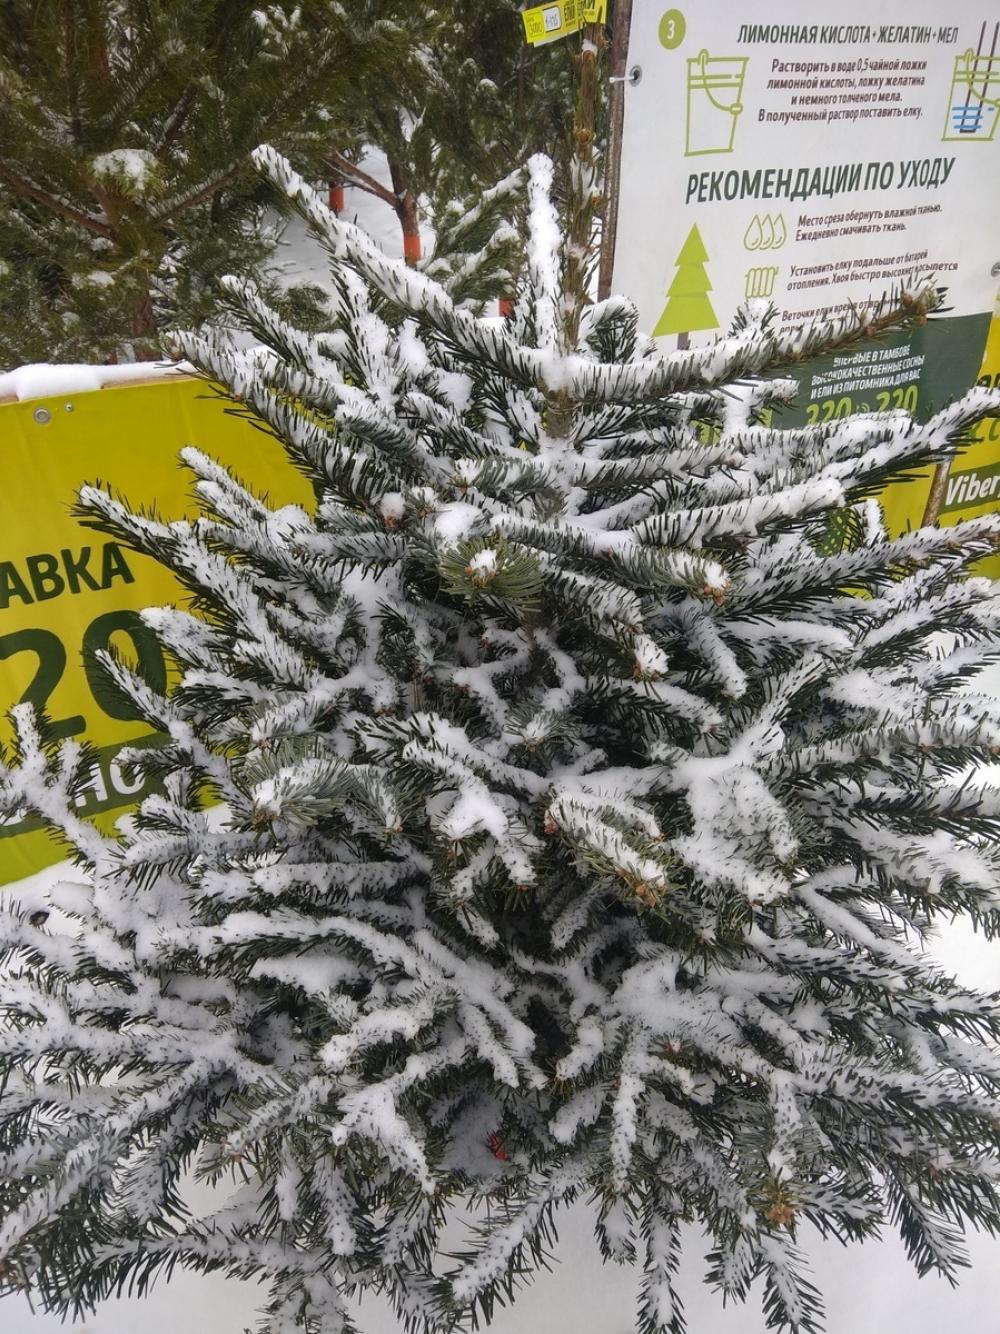 Хвоя или пластик? Тамбовчане расставили приоритеты в выборе новогодних деревьев